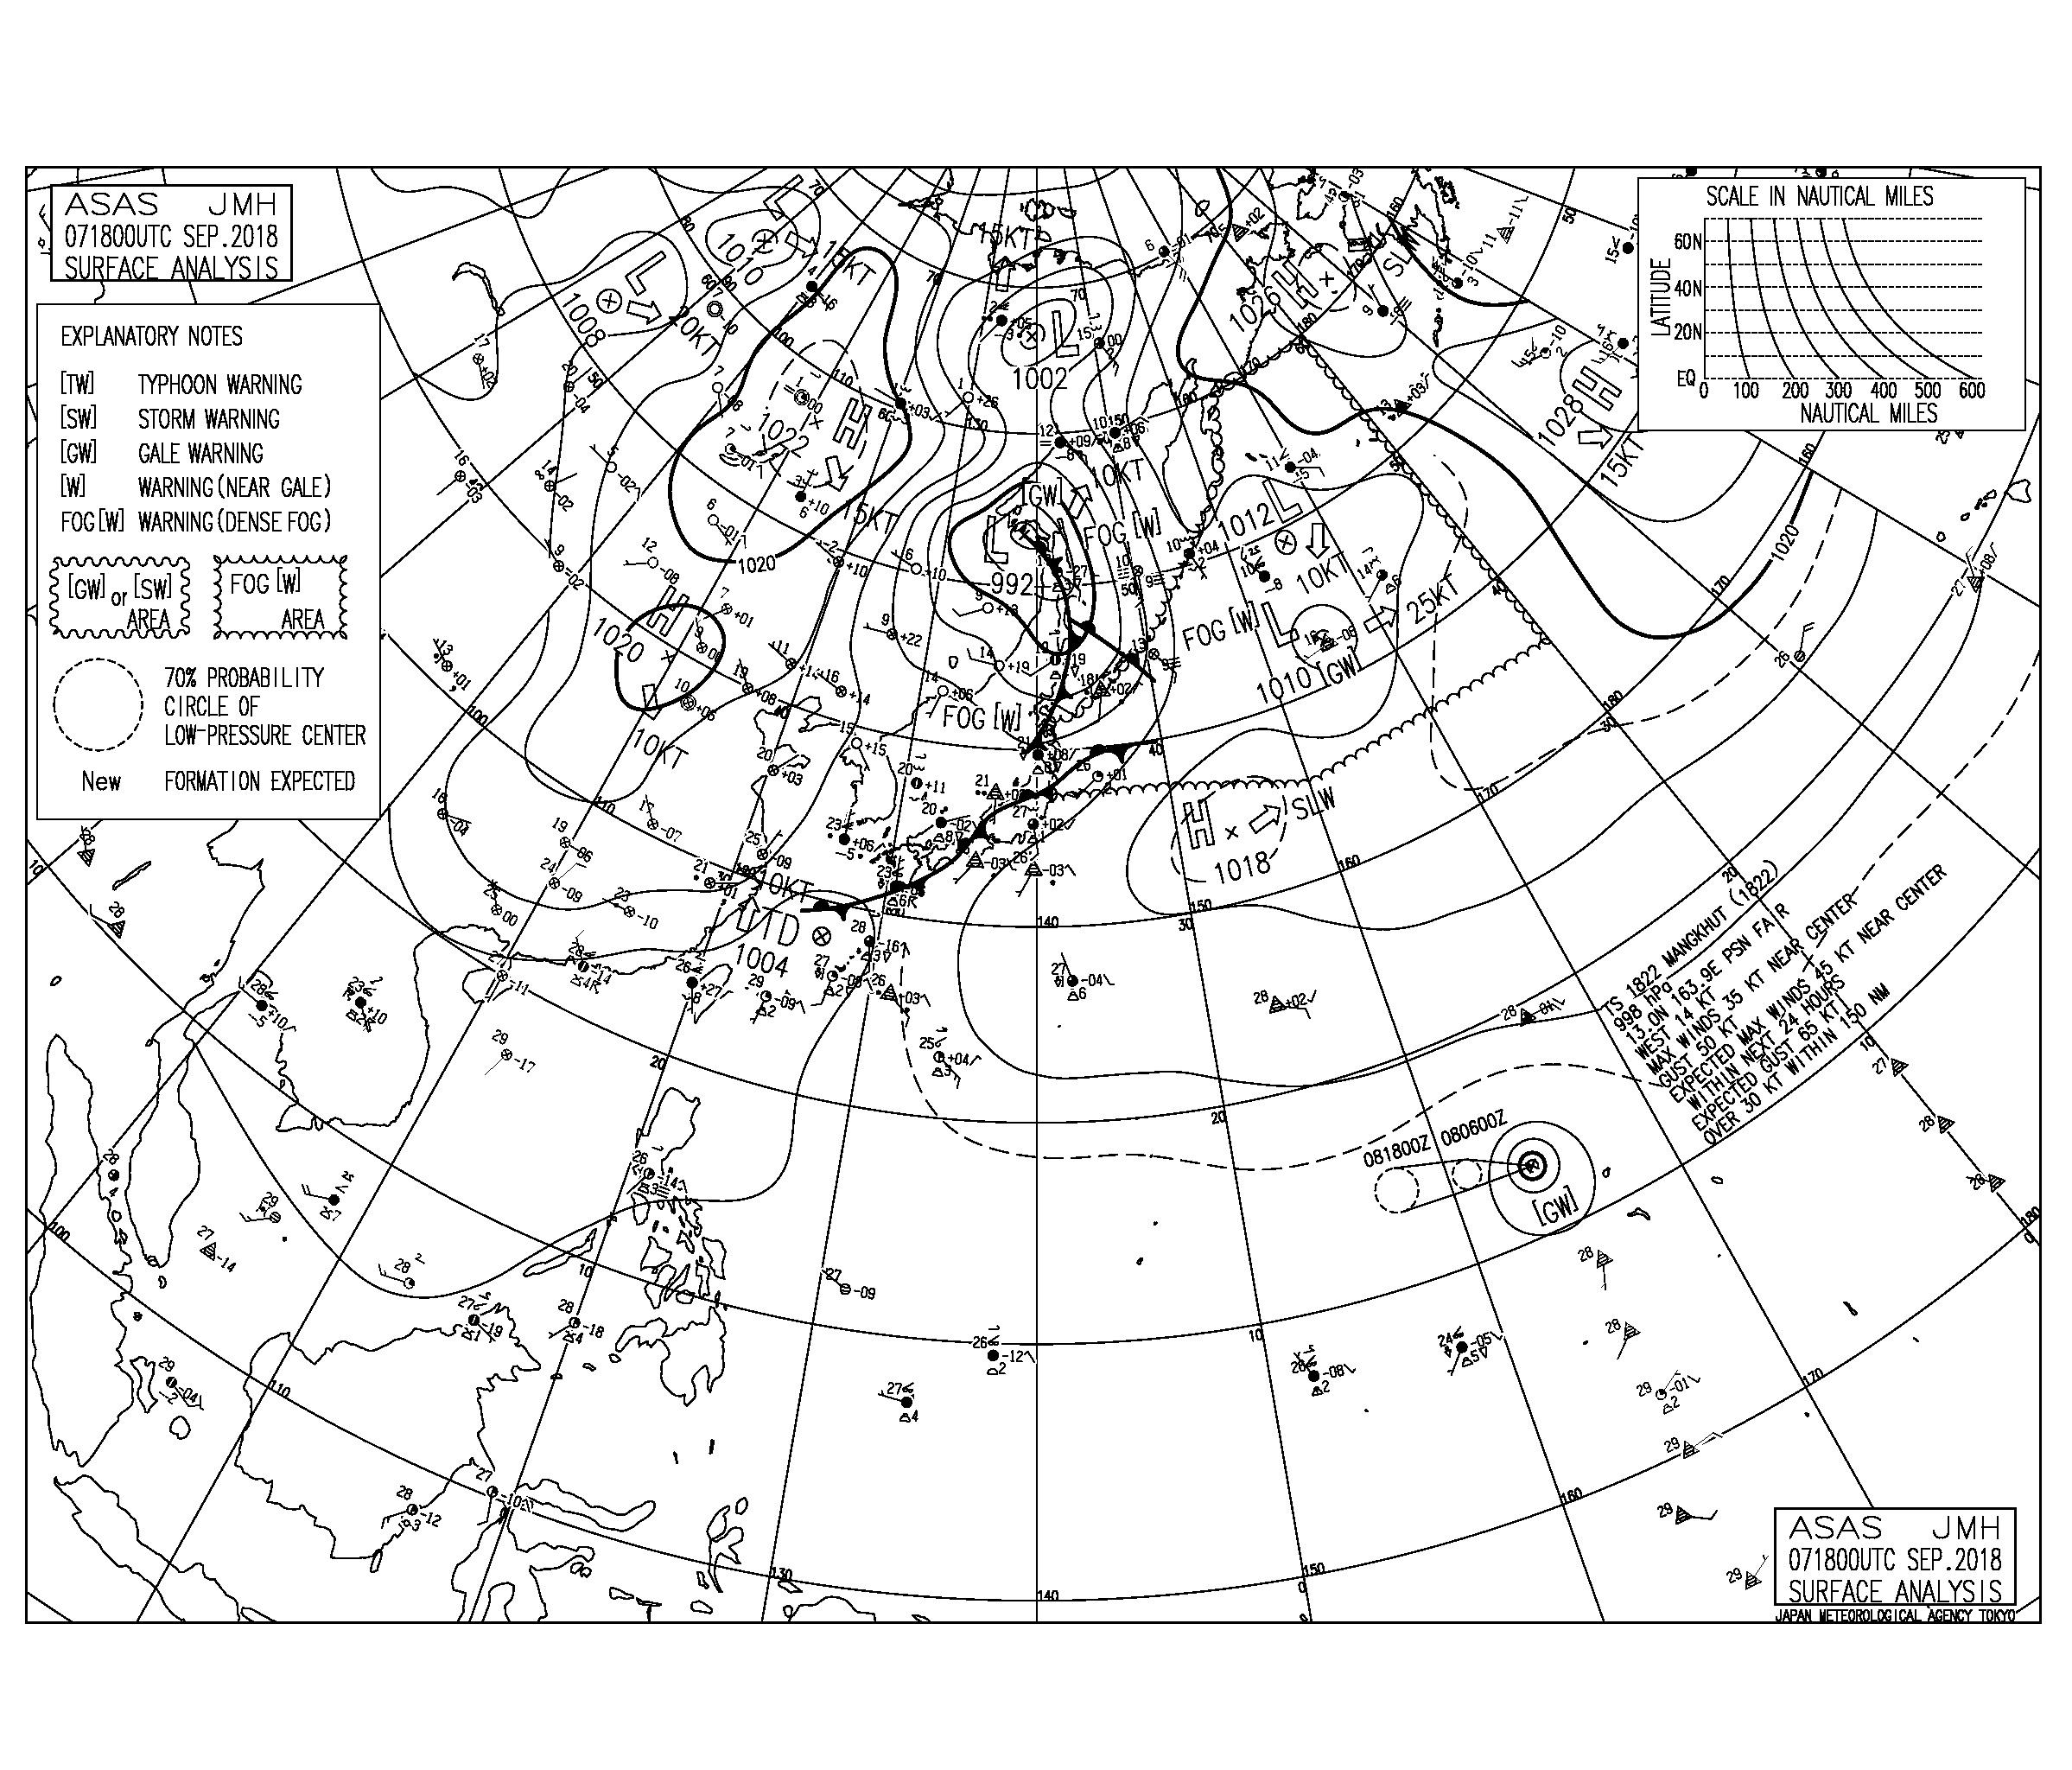 9/8 気圧配置と波情報~昨日台風22号が発生、今日も南西の風が強く吹く気圧配置